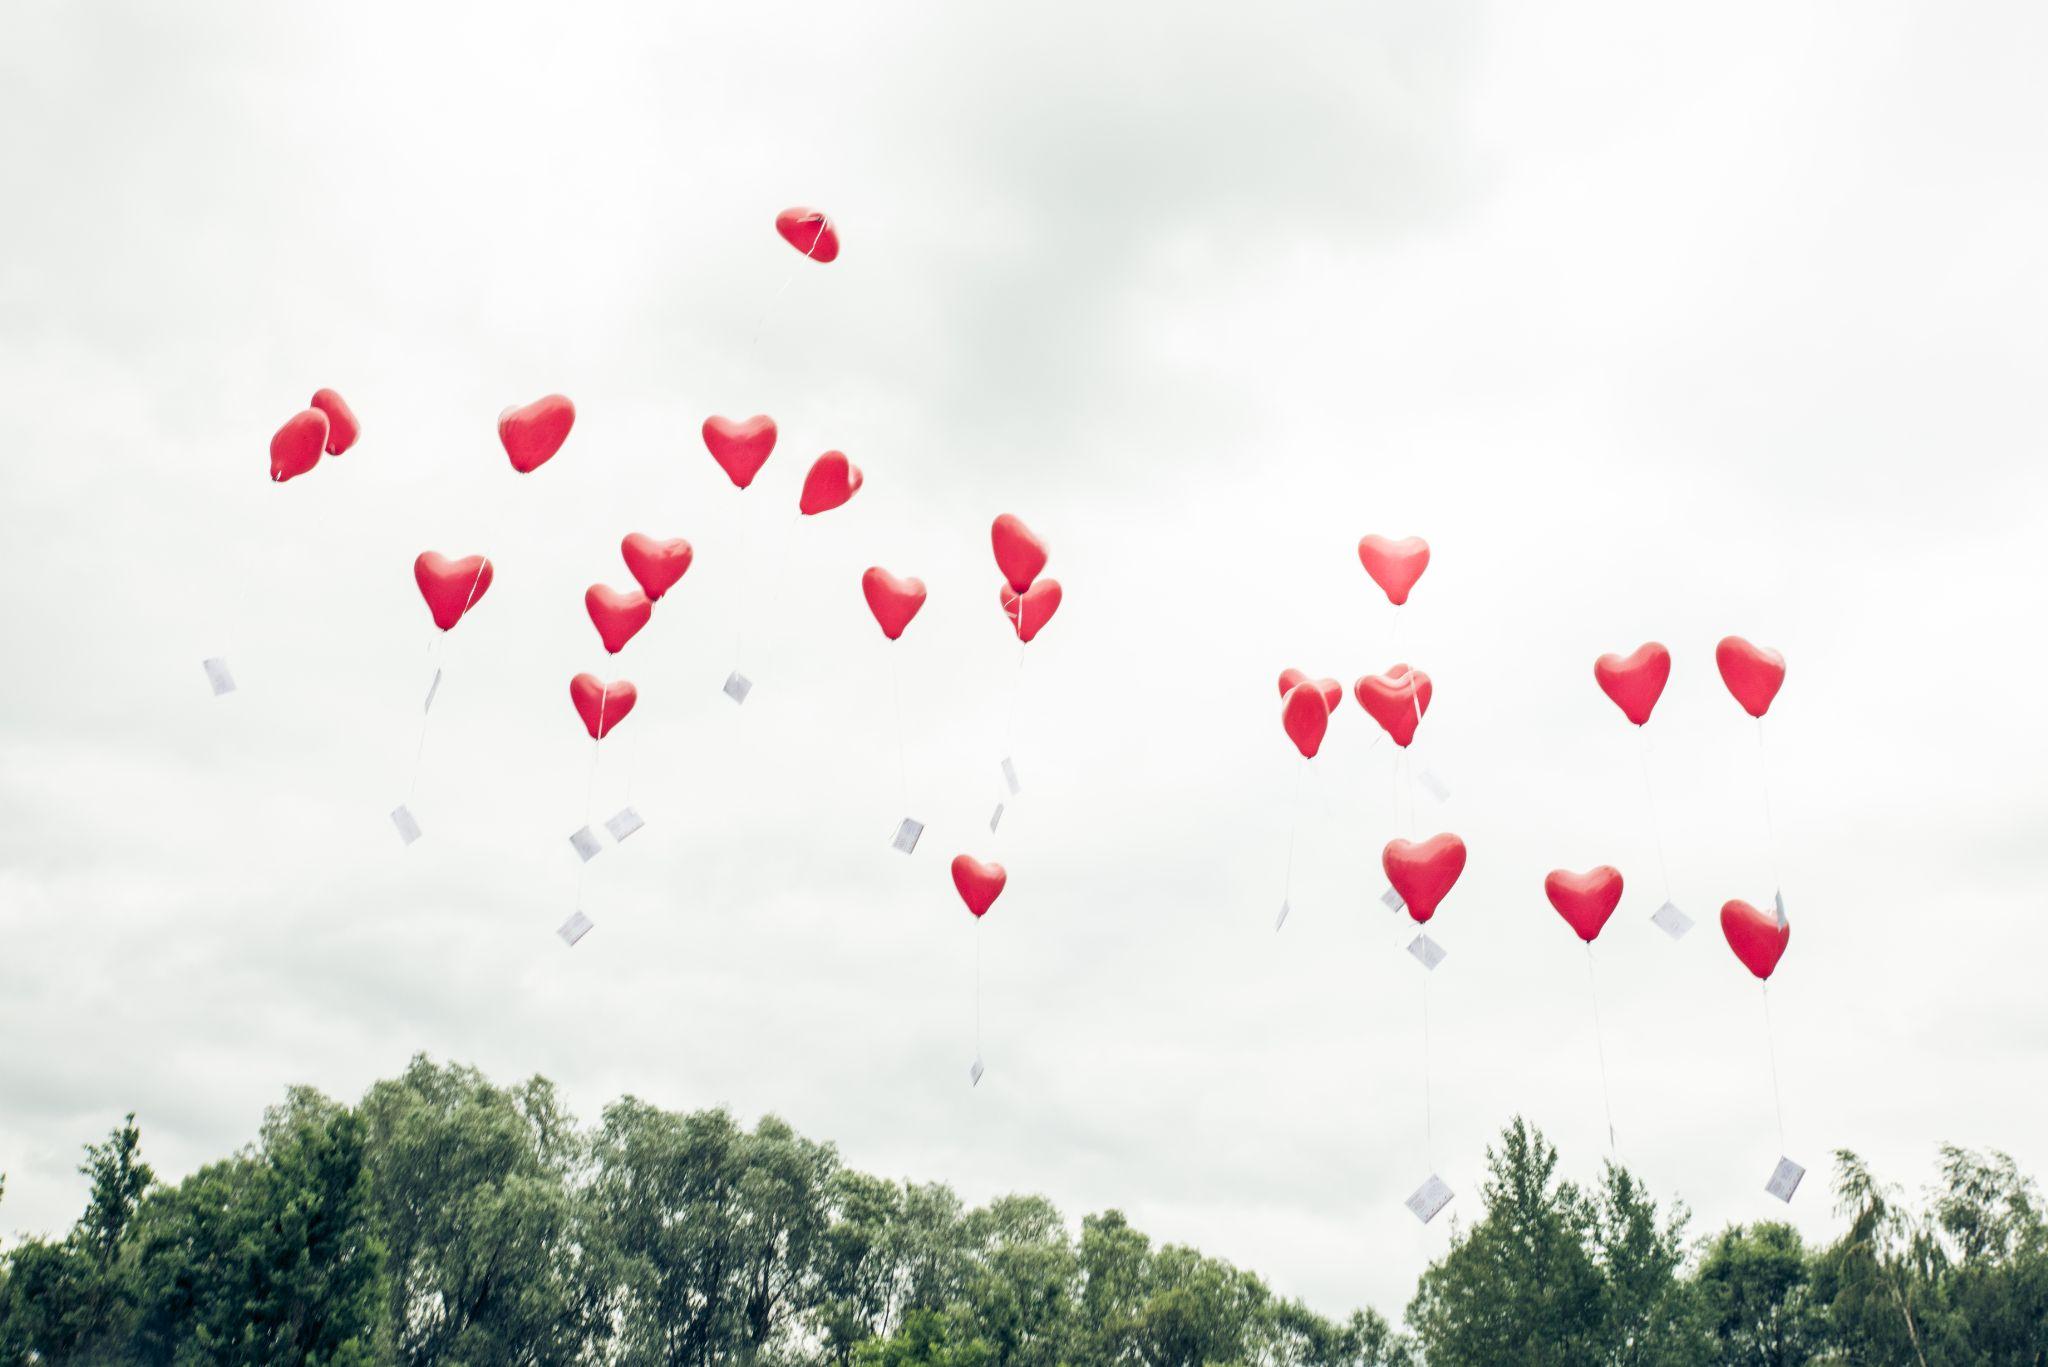 Hearts by Carsten Busch